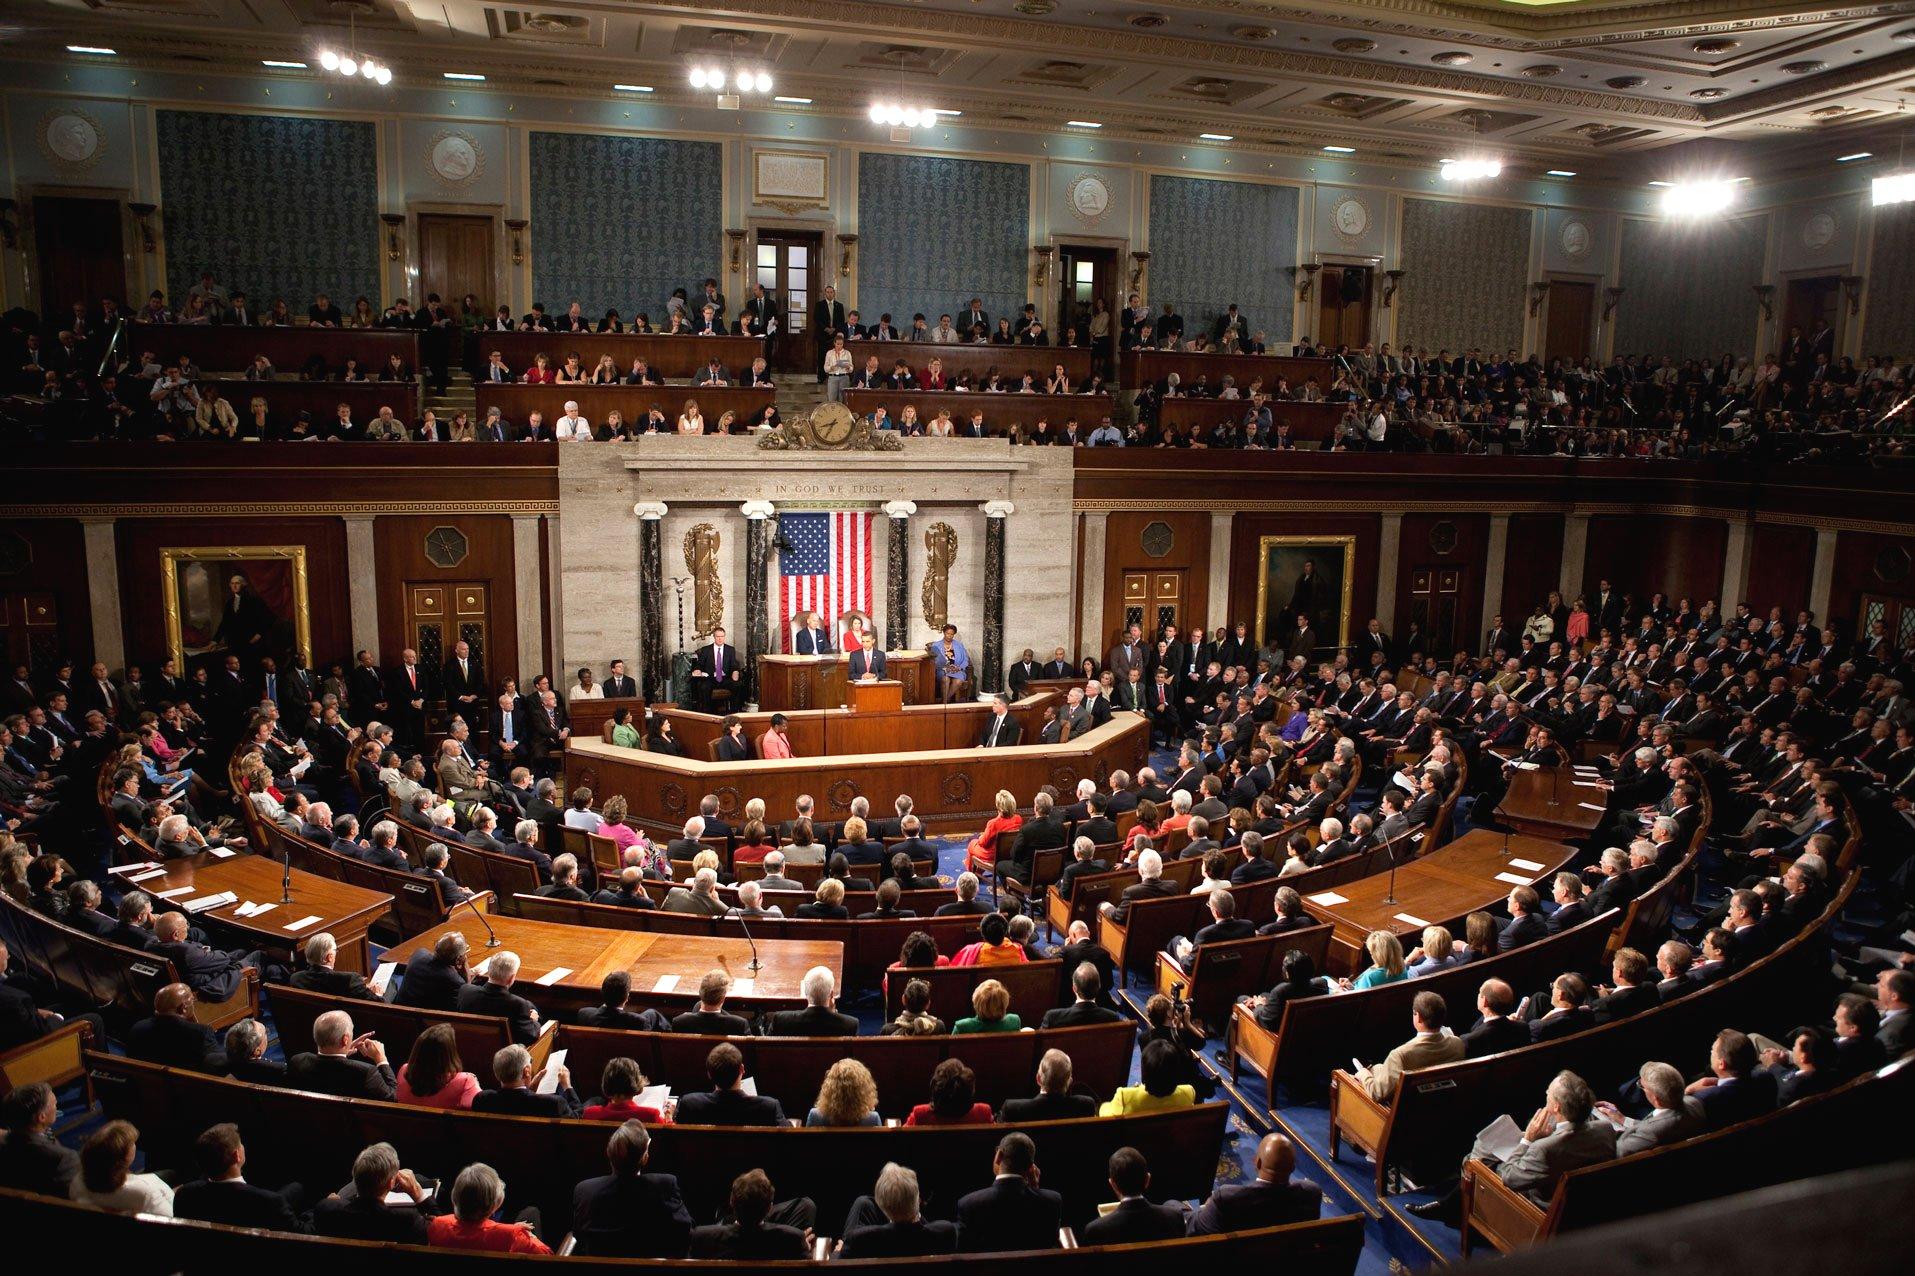 U.S. Senate Passes Bill Allowing 9/11 Victims to Sue Saudi Arabia